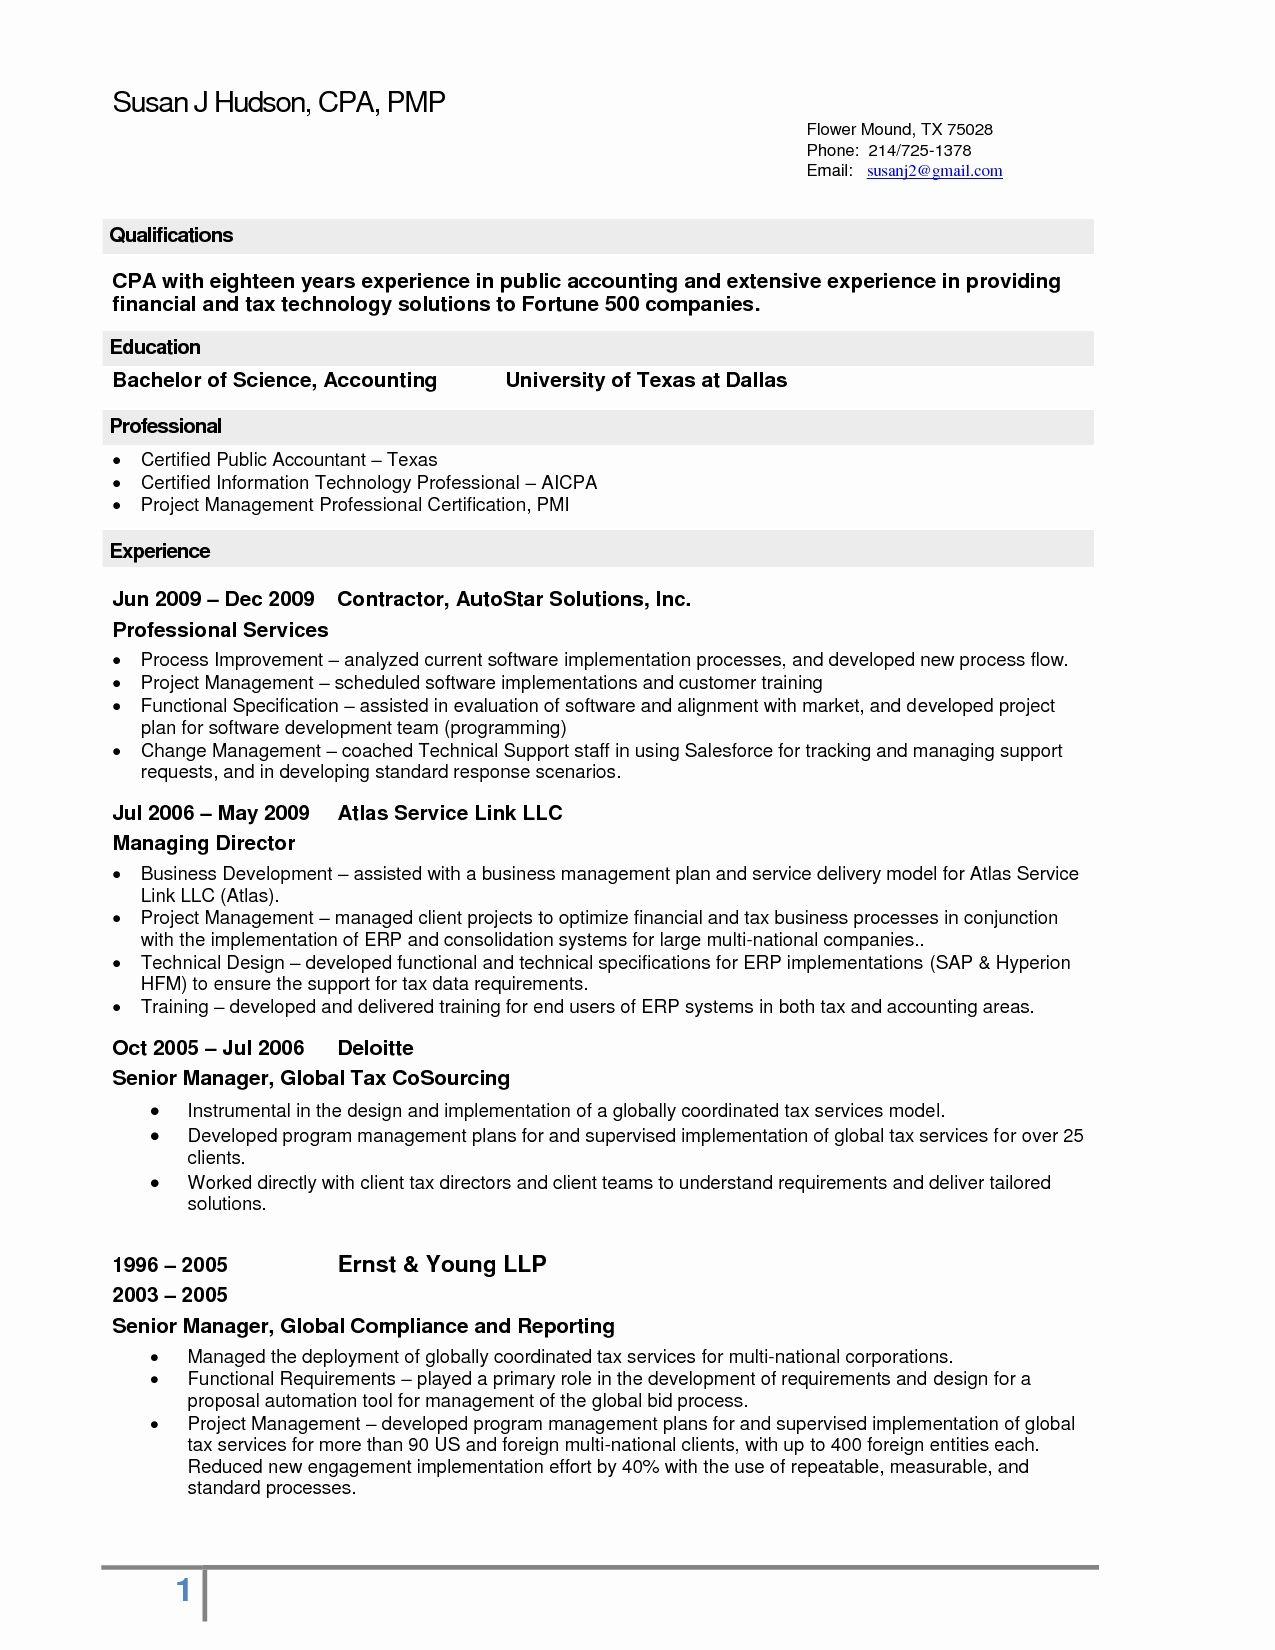 term paper ghostwriter websites gb